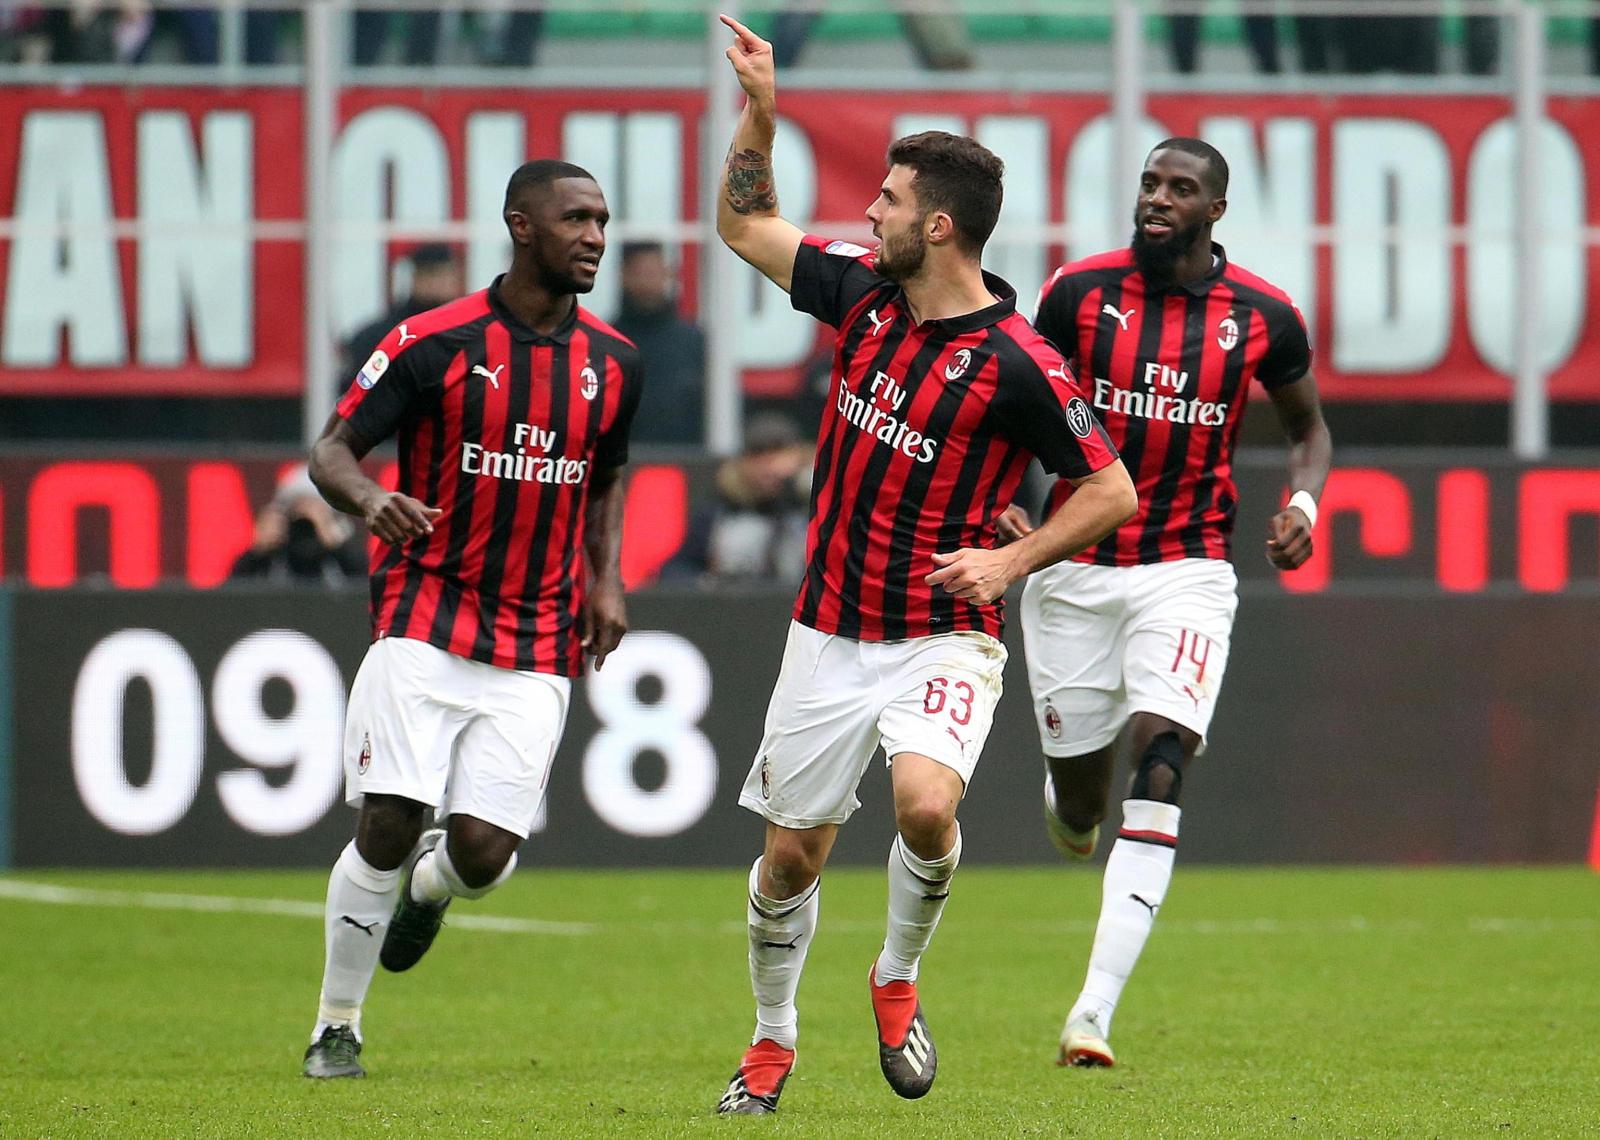 0e4e69bc3 Serie A: złość nie szkodzi Milanowi. Drużyna Gennaro Gattuso pokonała  sąsiada - WP SportoweFakty